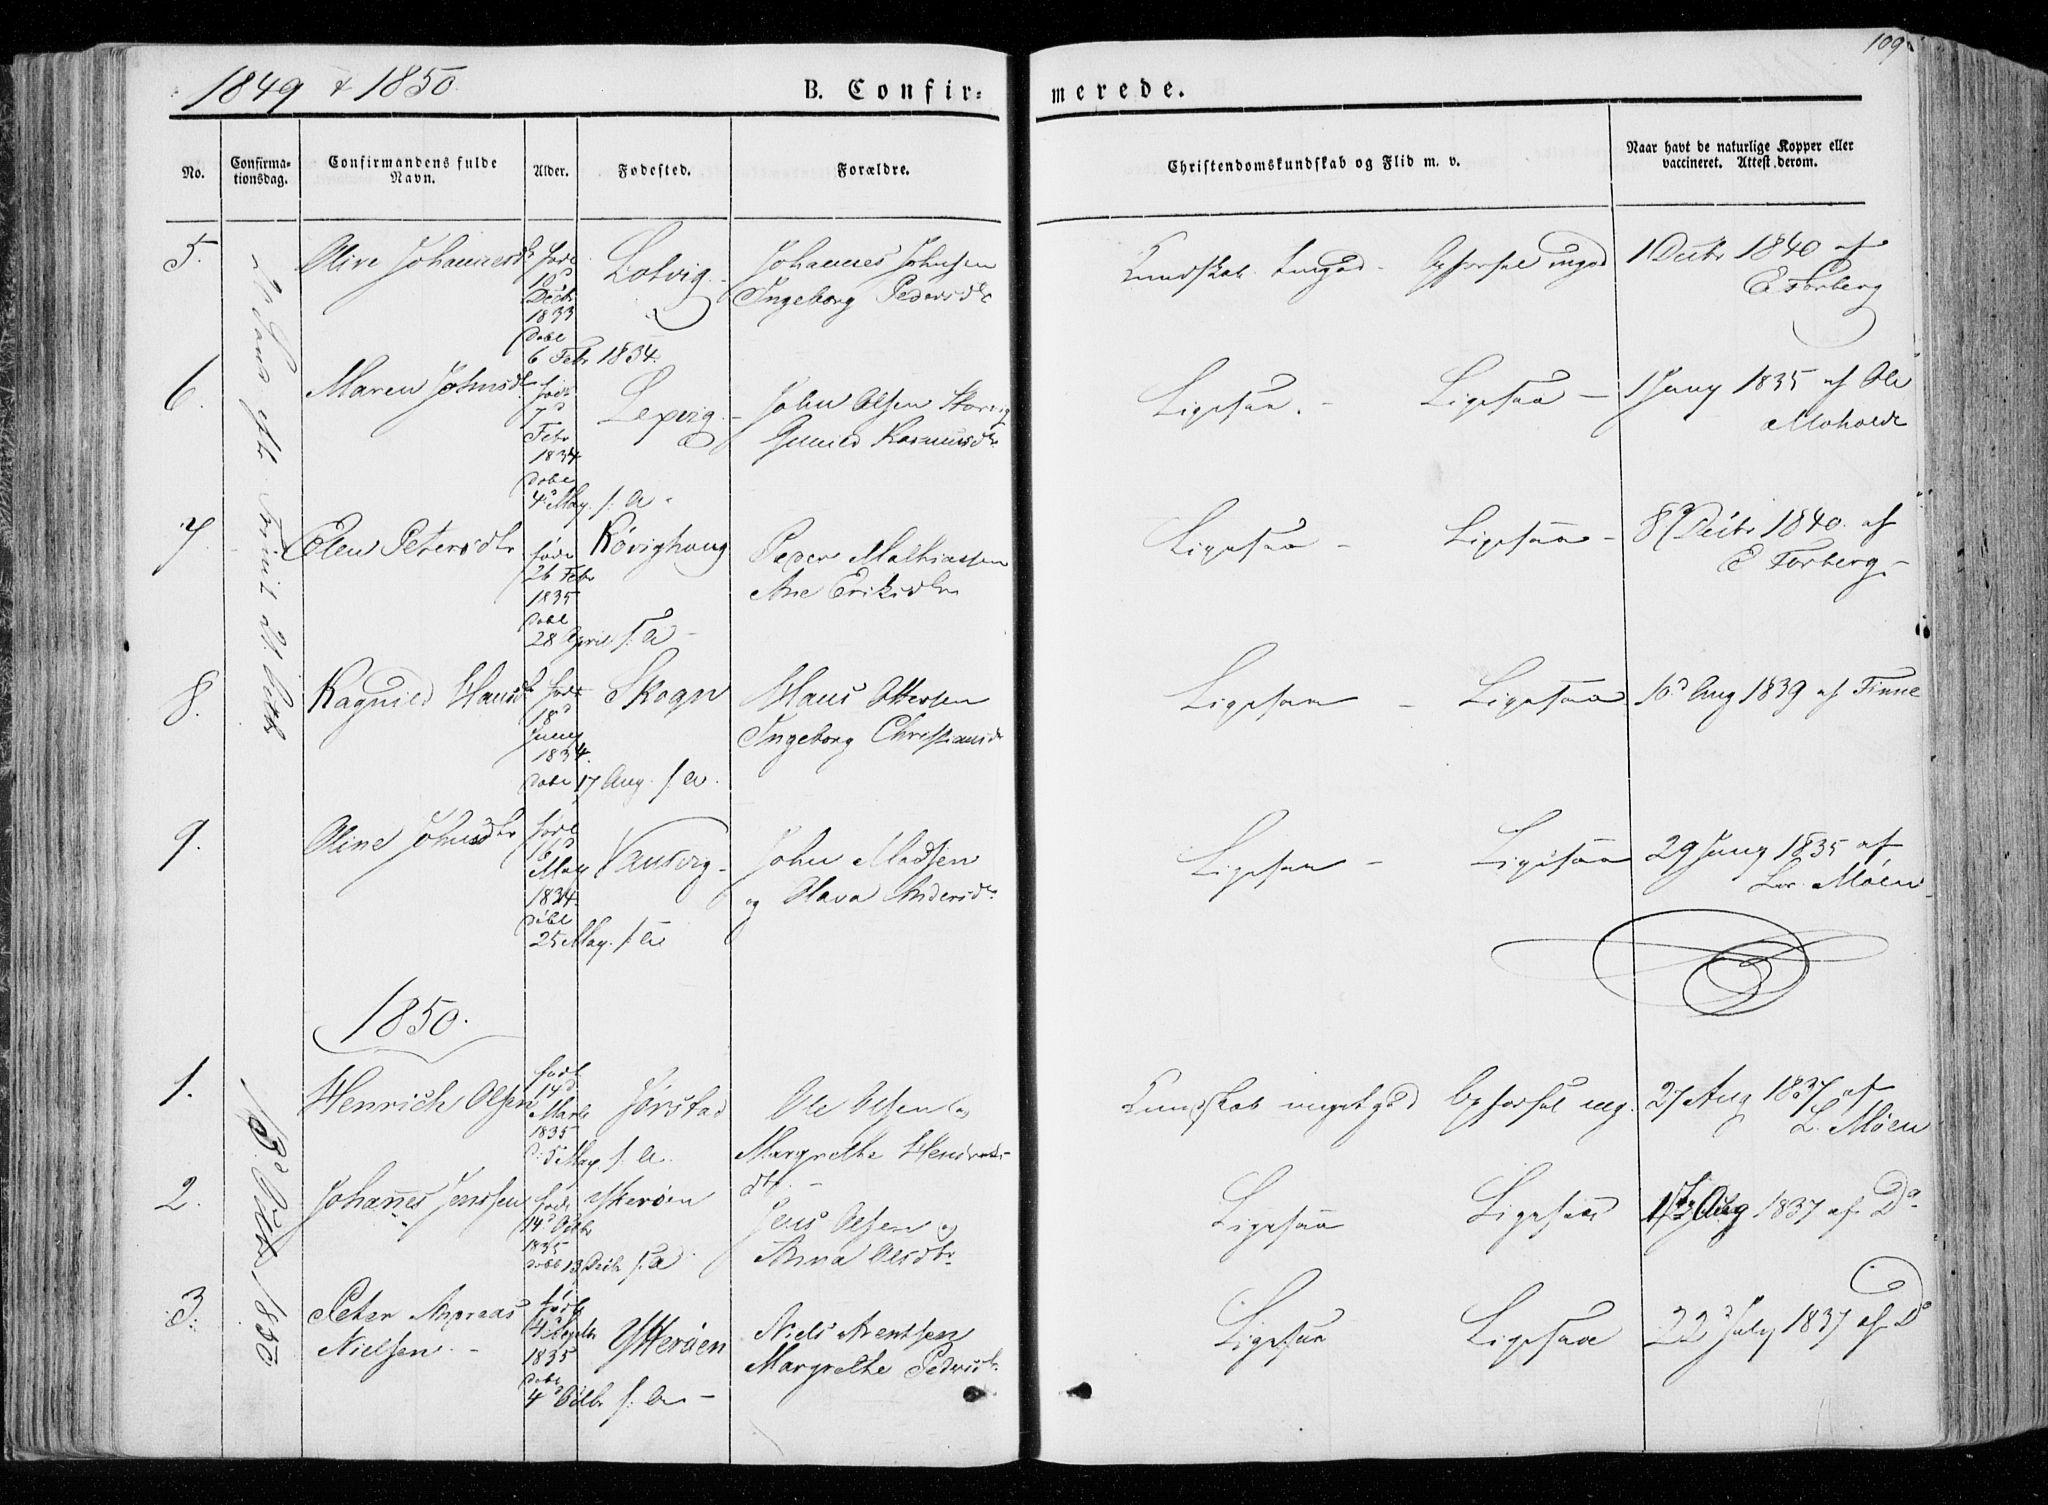 SAT, Ministerialprotokoller, klokkerbøker og fødselsregistre - Nord-Trøndelag, 722/L0218: Ministerialbok nr. 722A05, 1843-1868, s. 109